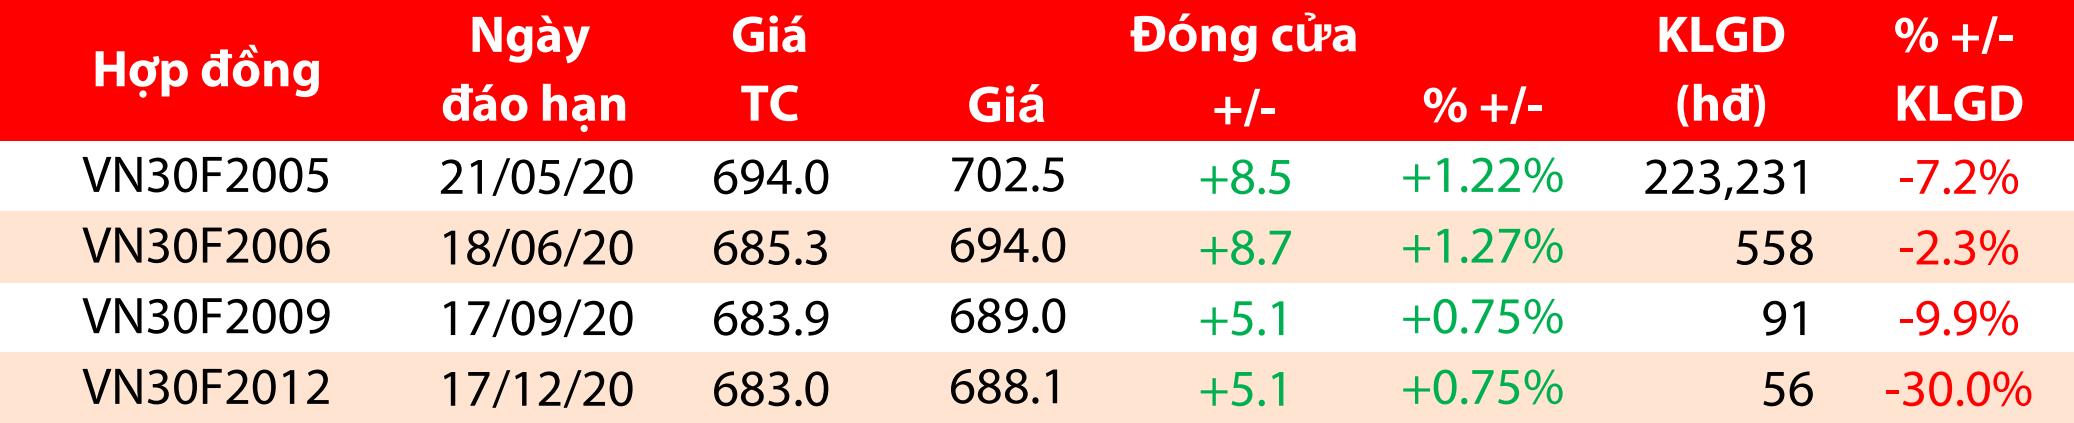 Cổ phiếu tâm điểm ngày 4/5: Chỉ số VN30 theo xu hướng giảm về mốc 690 điểm - Ảnh 1.